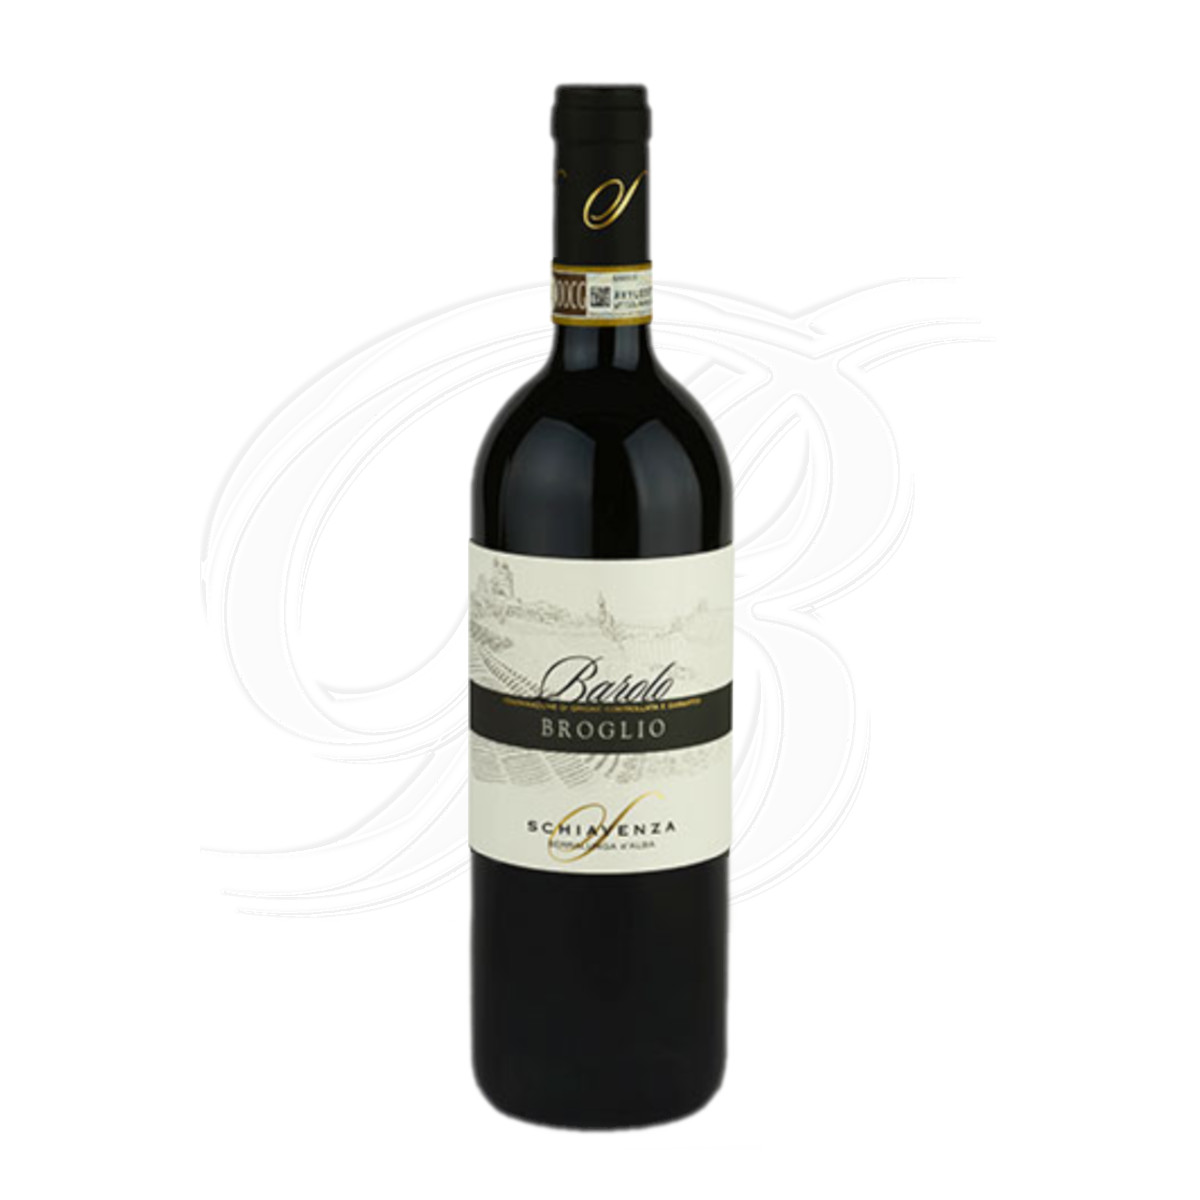 Barolo Broglio vom Weingut Schiavenza in Serralunga d'Alba im Piemont